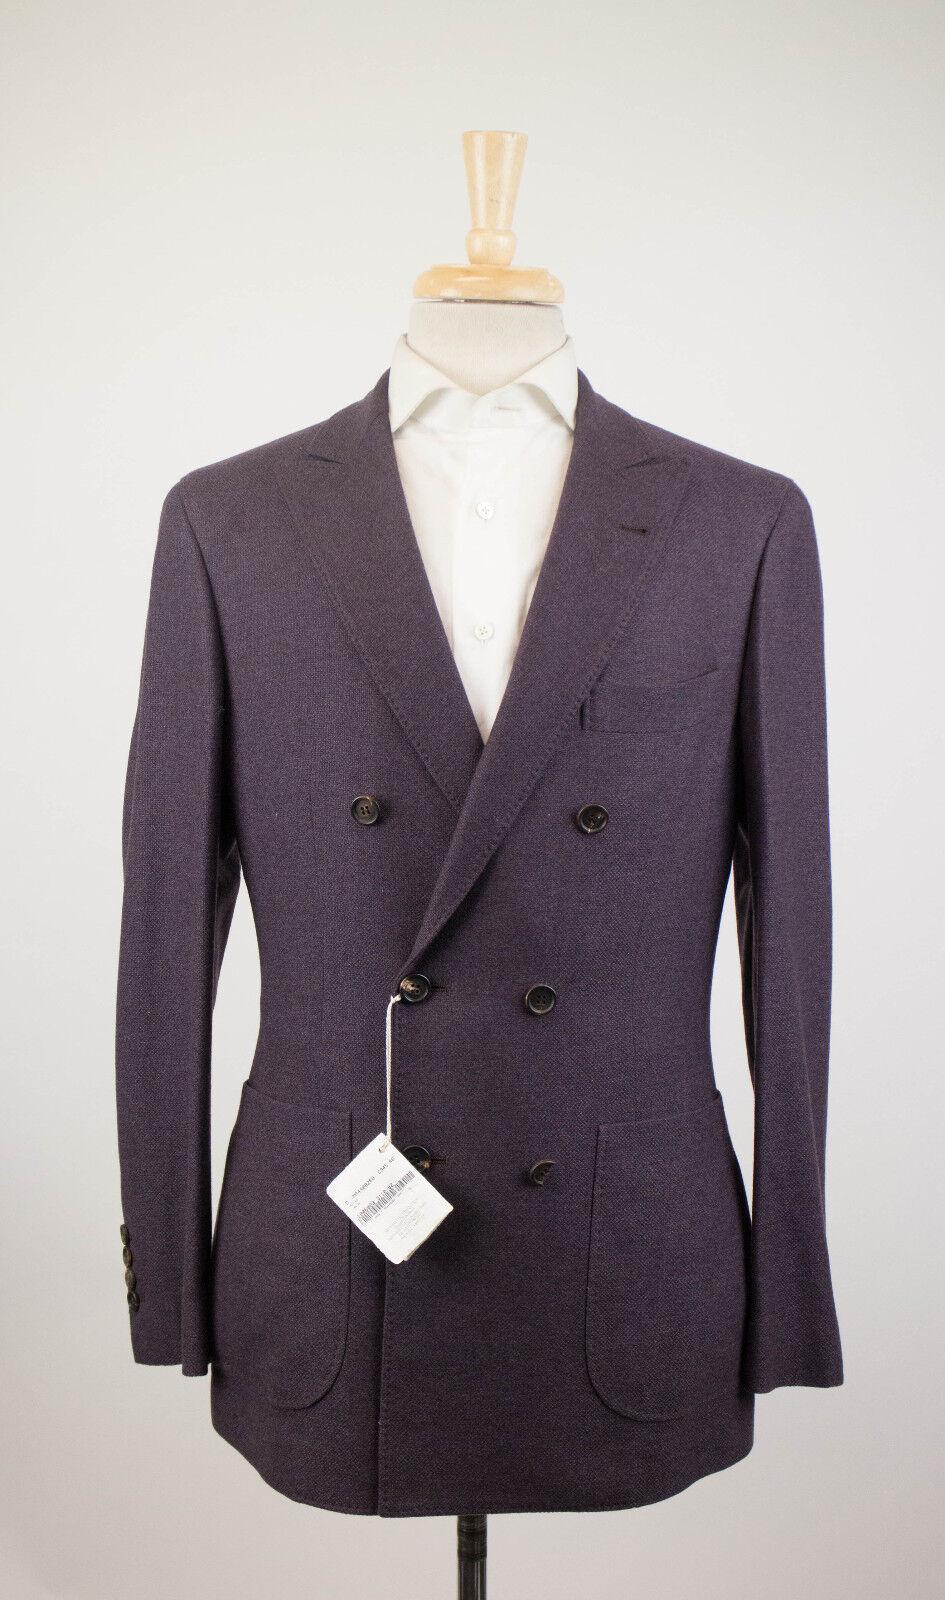 Neu Brunello Cucinelli Lila Kaschmir Mischung Db Sport Mantel Größe 52 42 R  | Verbraucher zuerst  | Stil  | Elegantes und robustes Menü